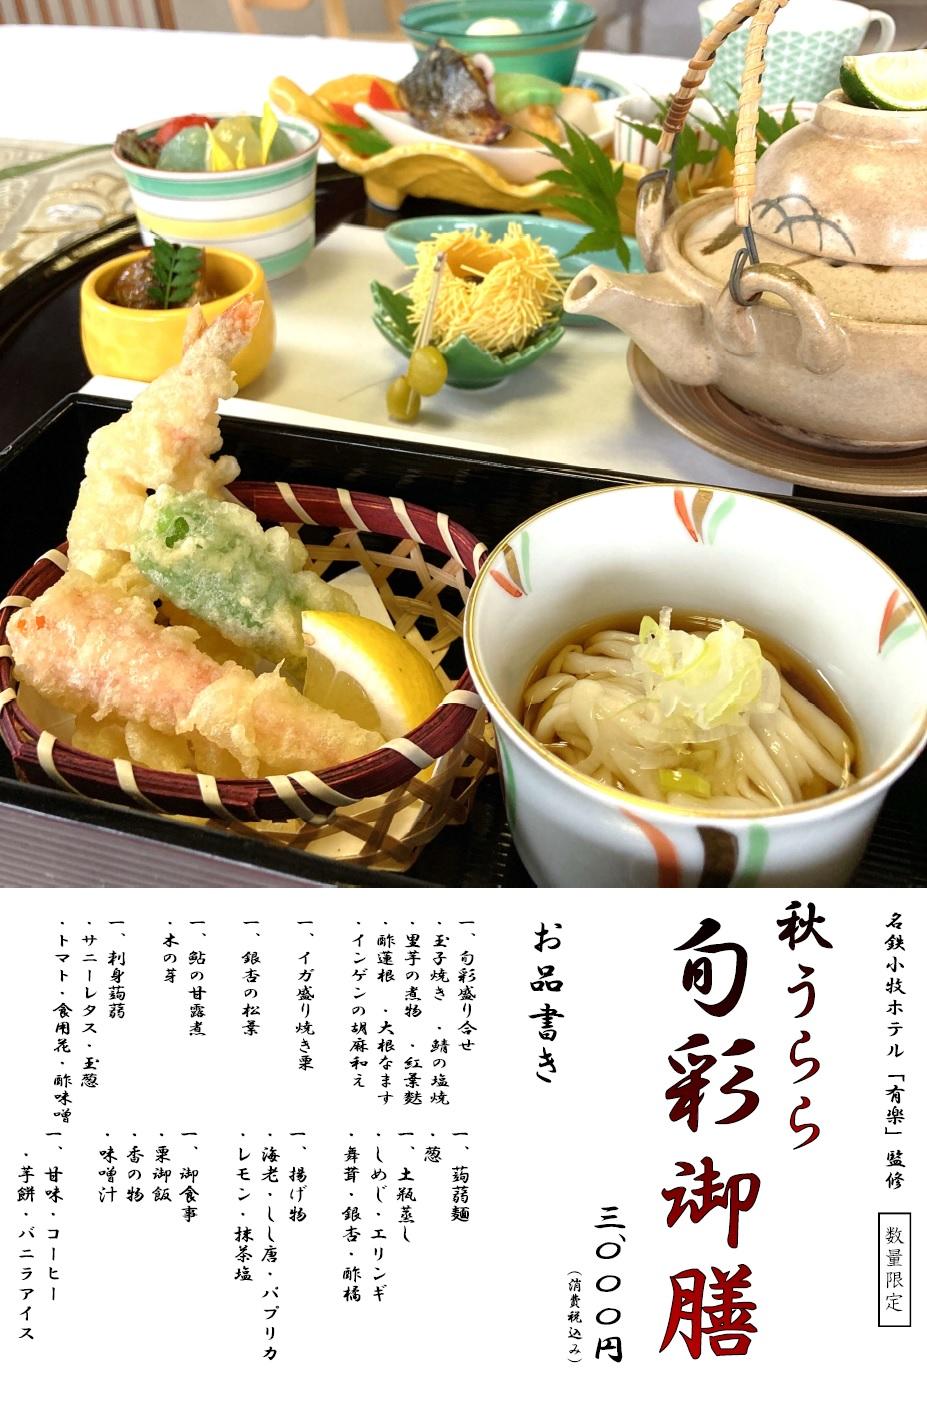 秋うらら 旬彩御膳 / 3000円